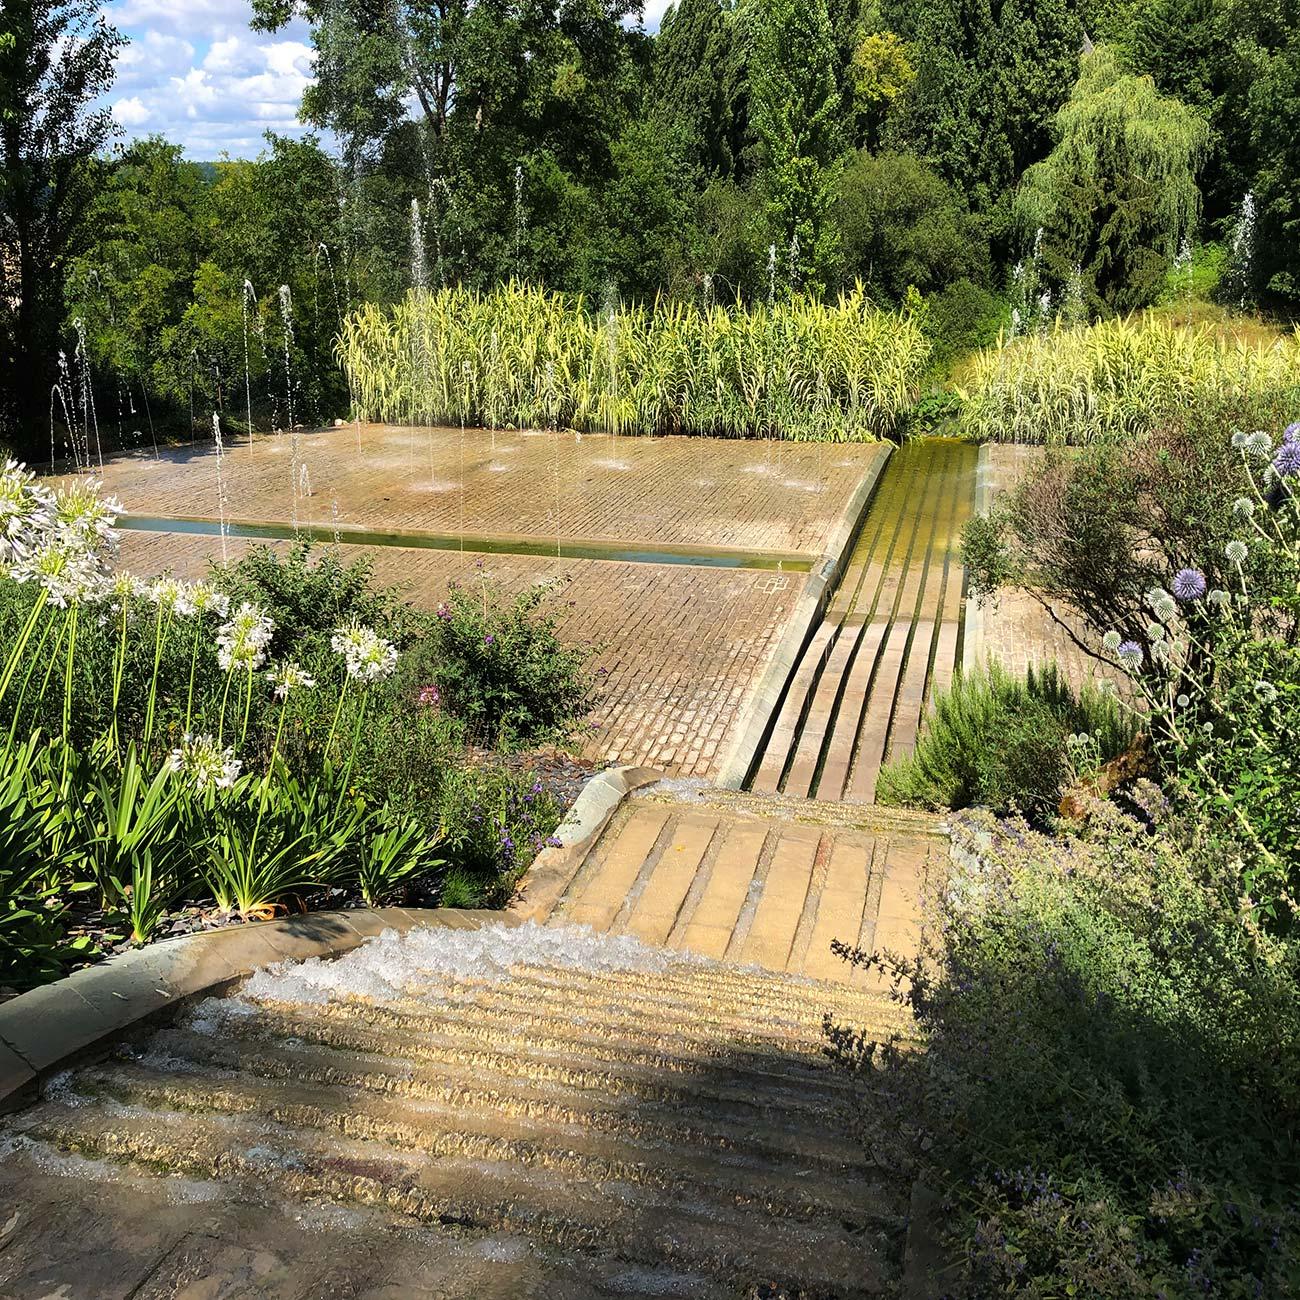 JARDIN DE L IMAGINAIRE - fontaine et chemin d eau - Atelier Naudier - Architecte Paysagiste Concepteur -Montpellier & Aix-en-Provence